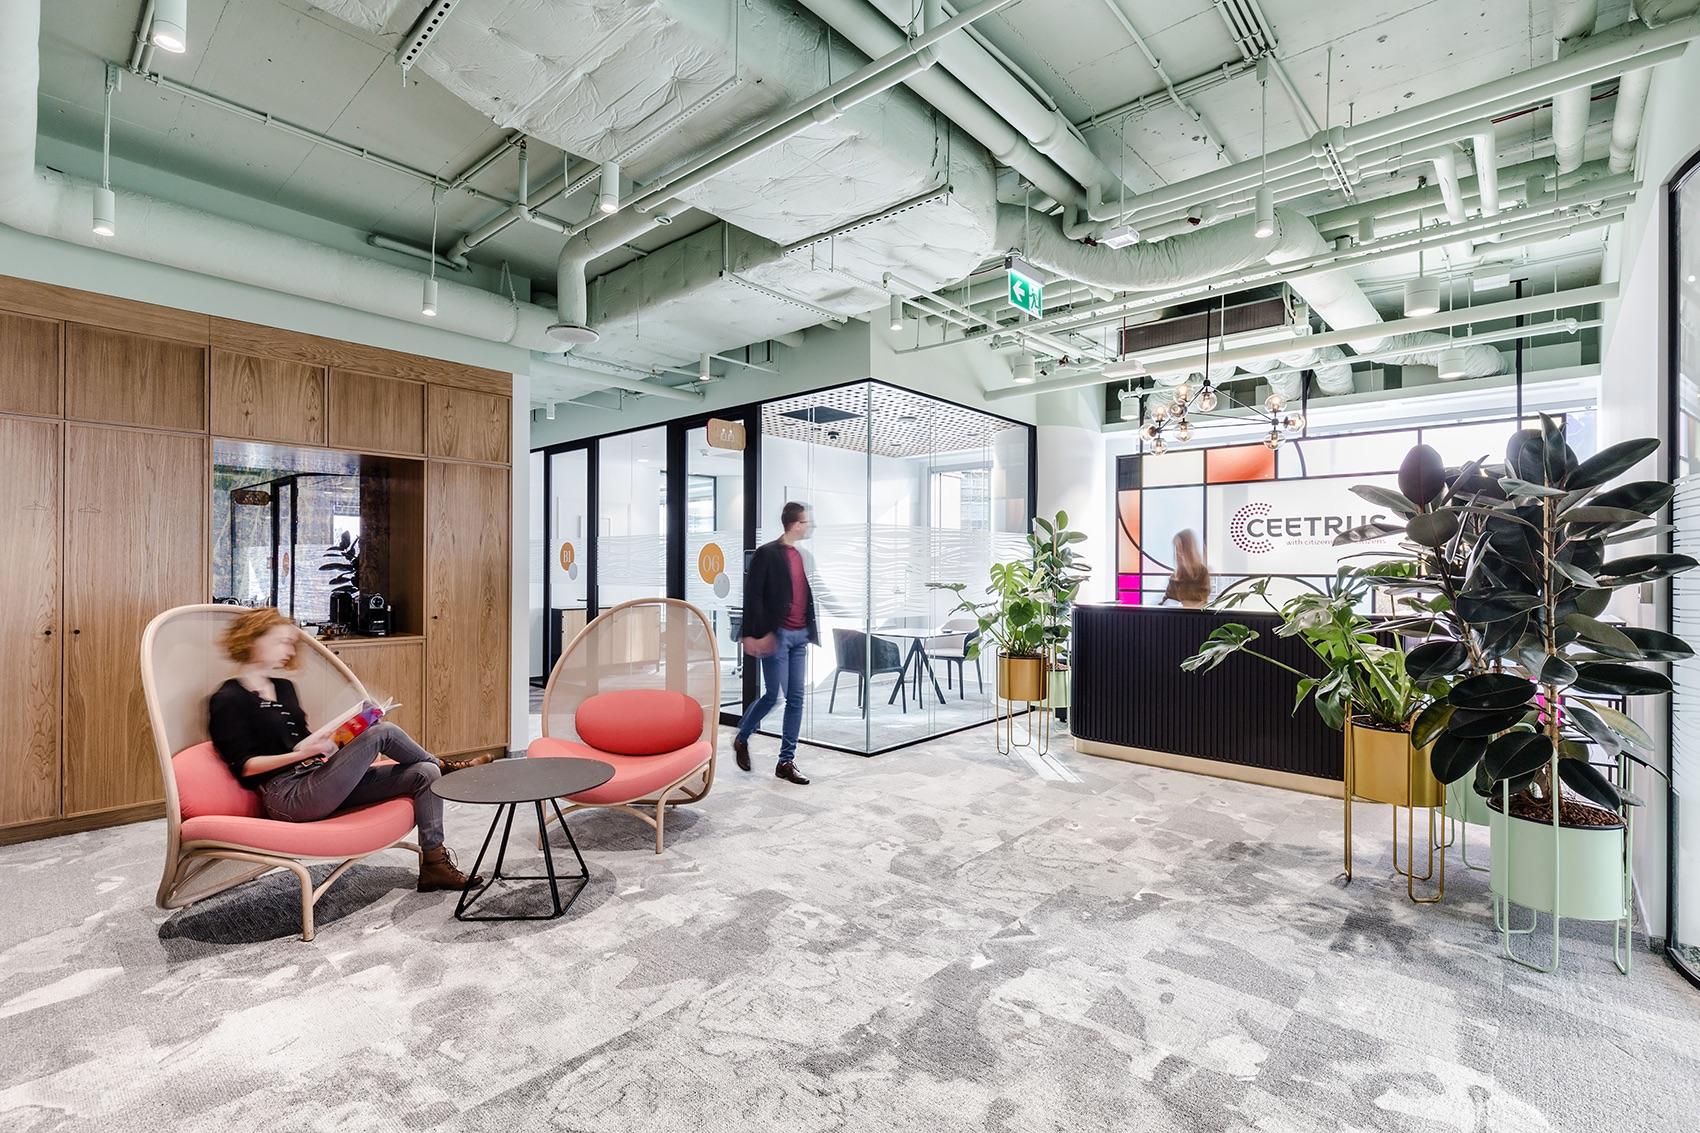 ceetrus-warsaw-office-3